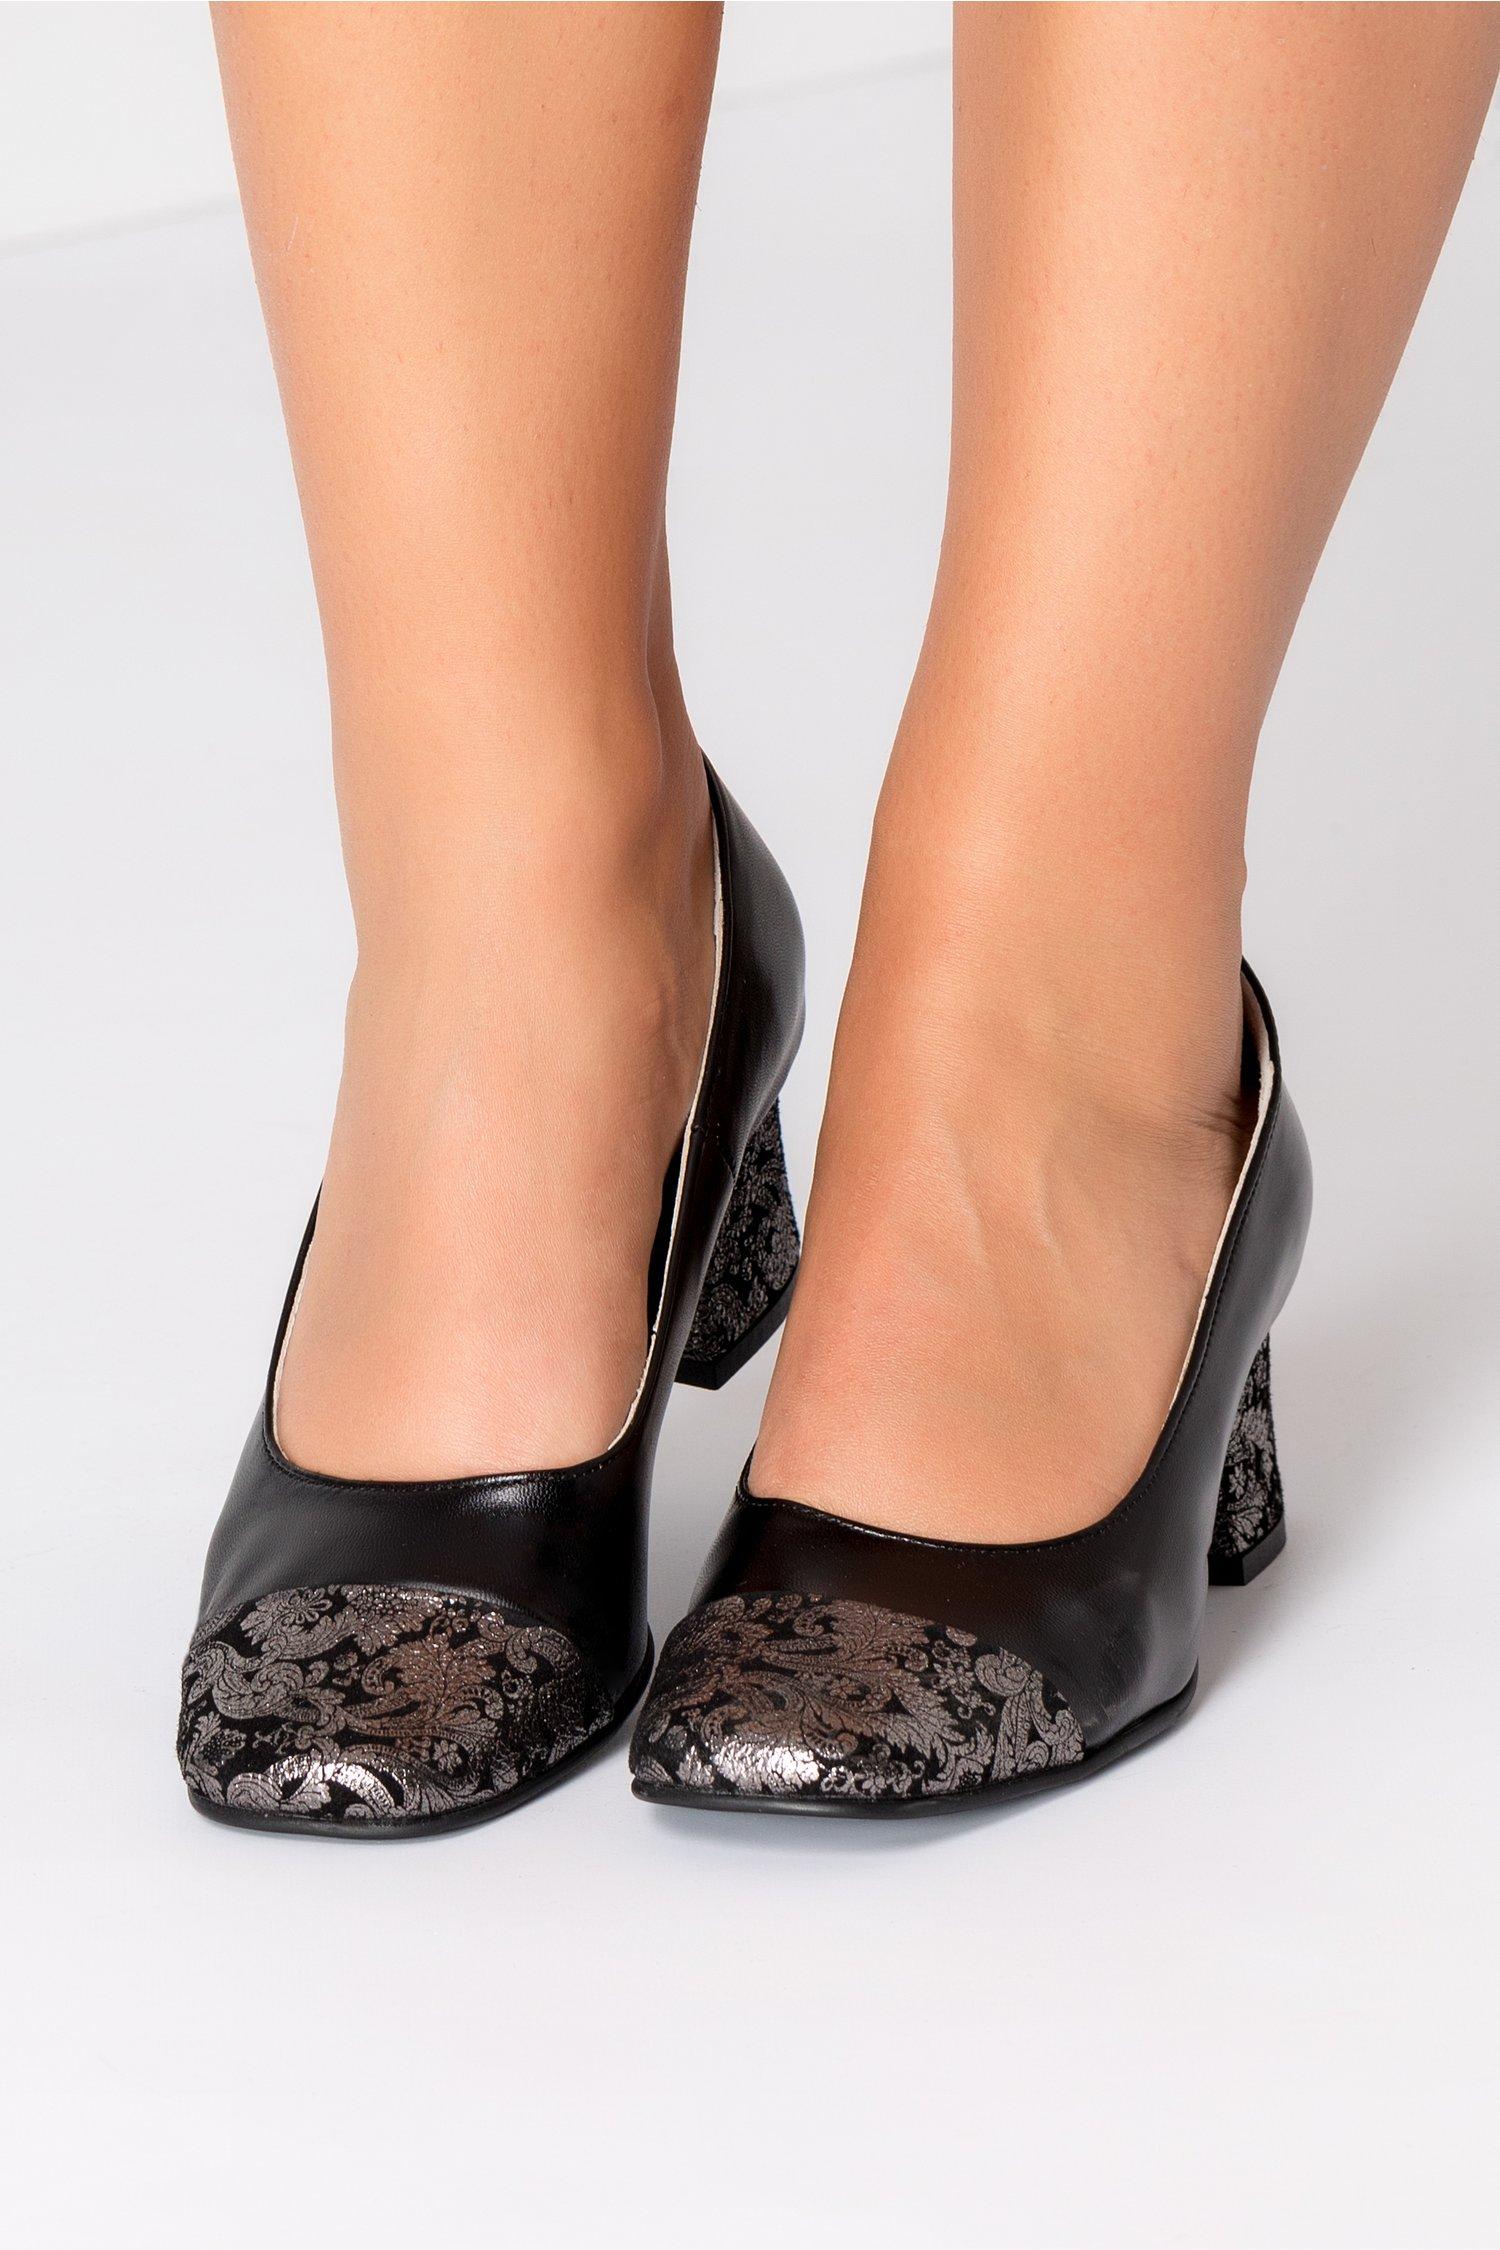 Pantofi dama negrii cu insertii argintii